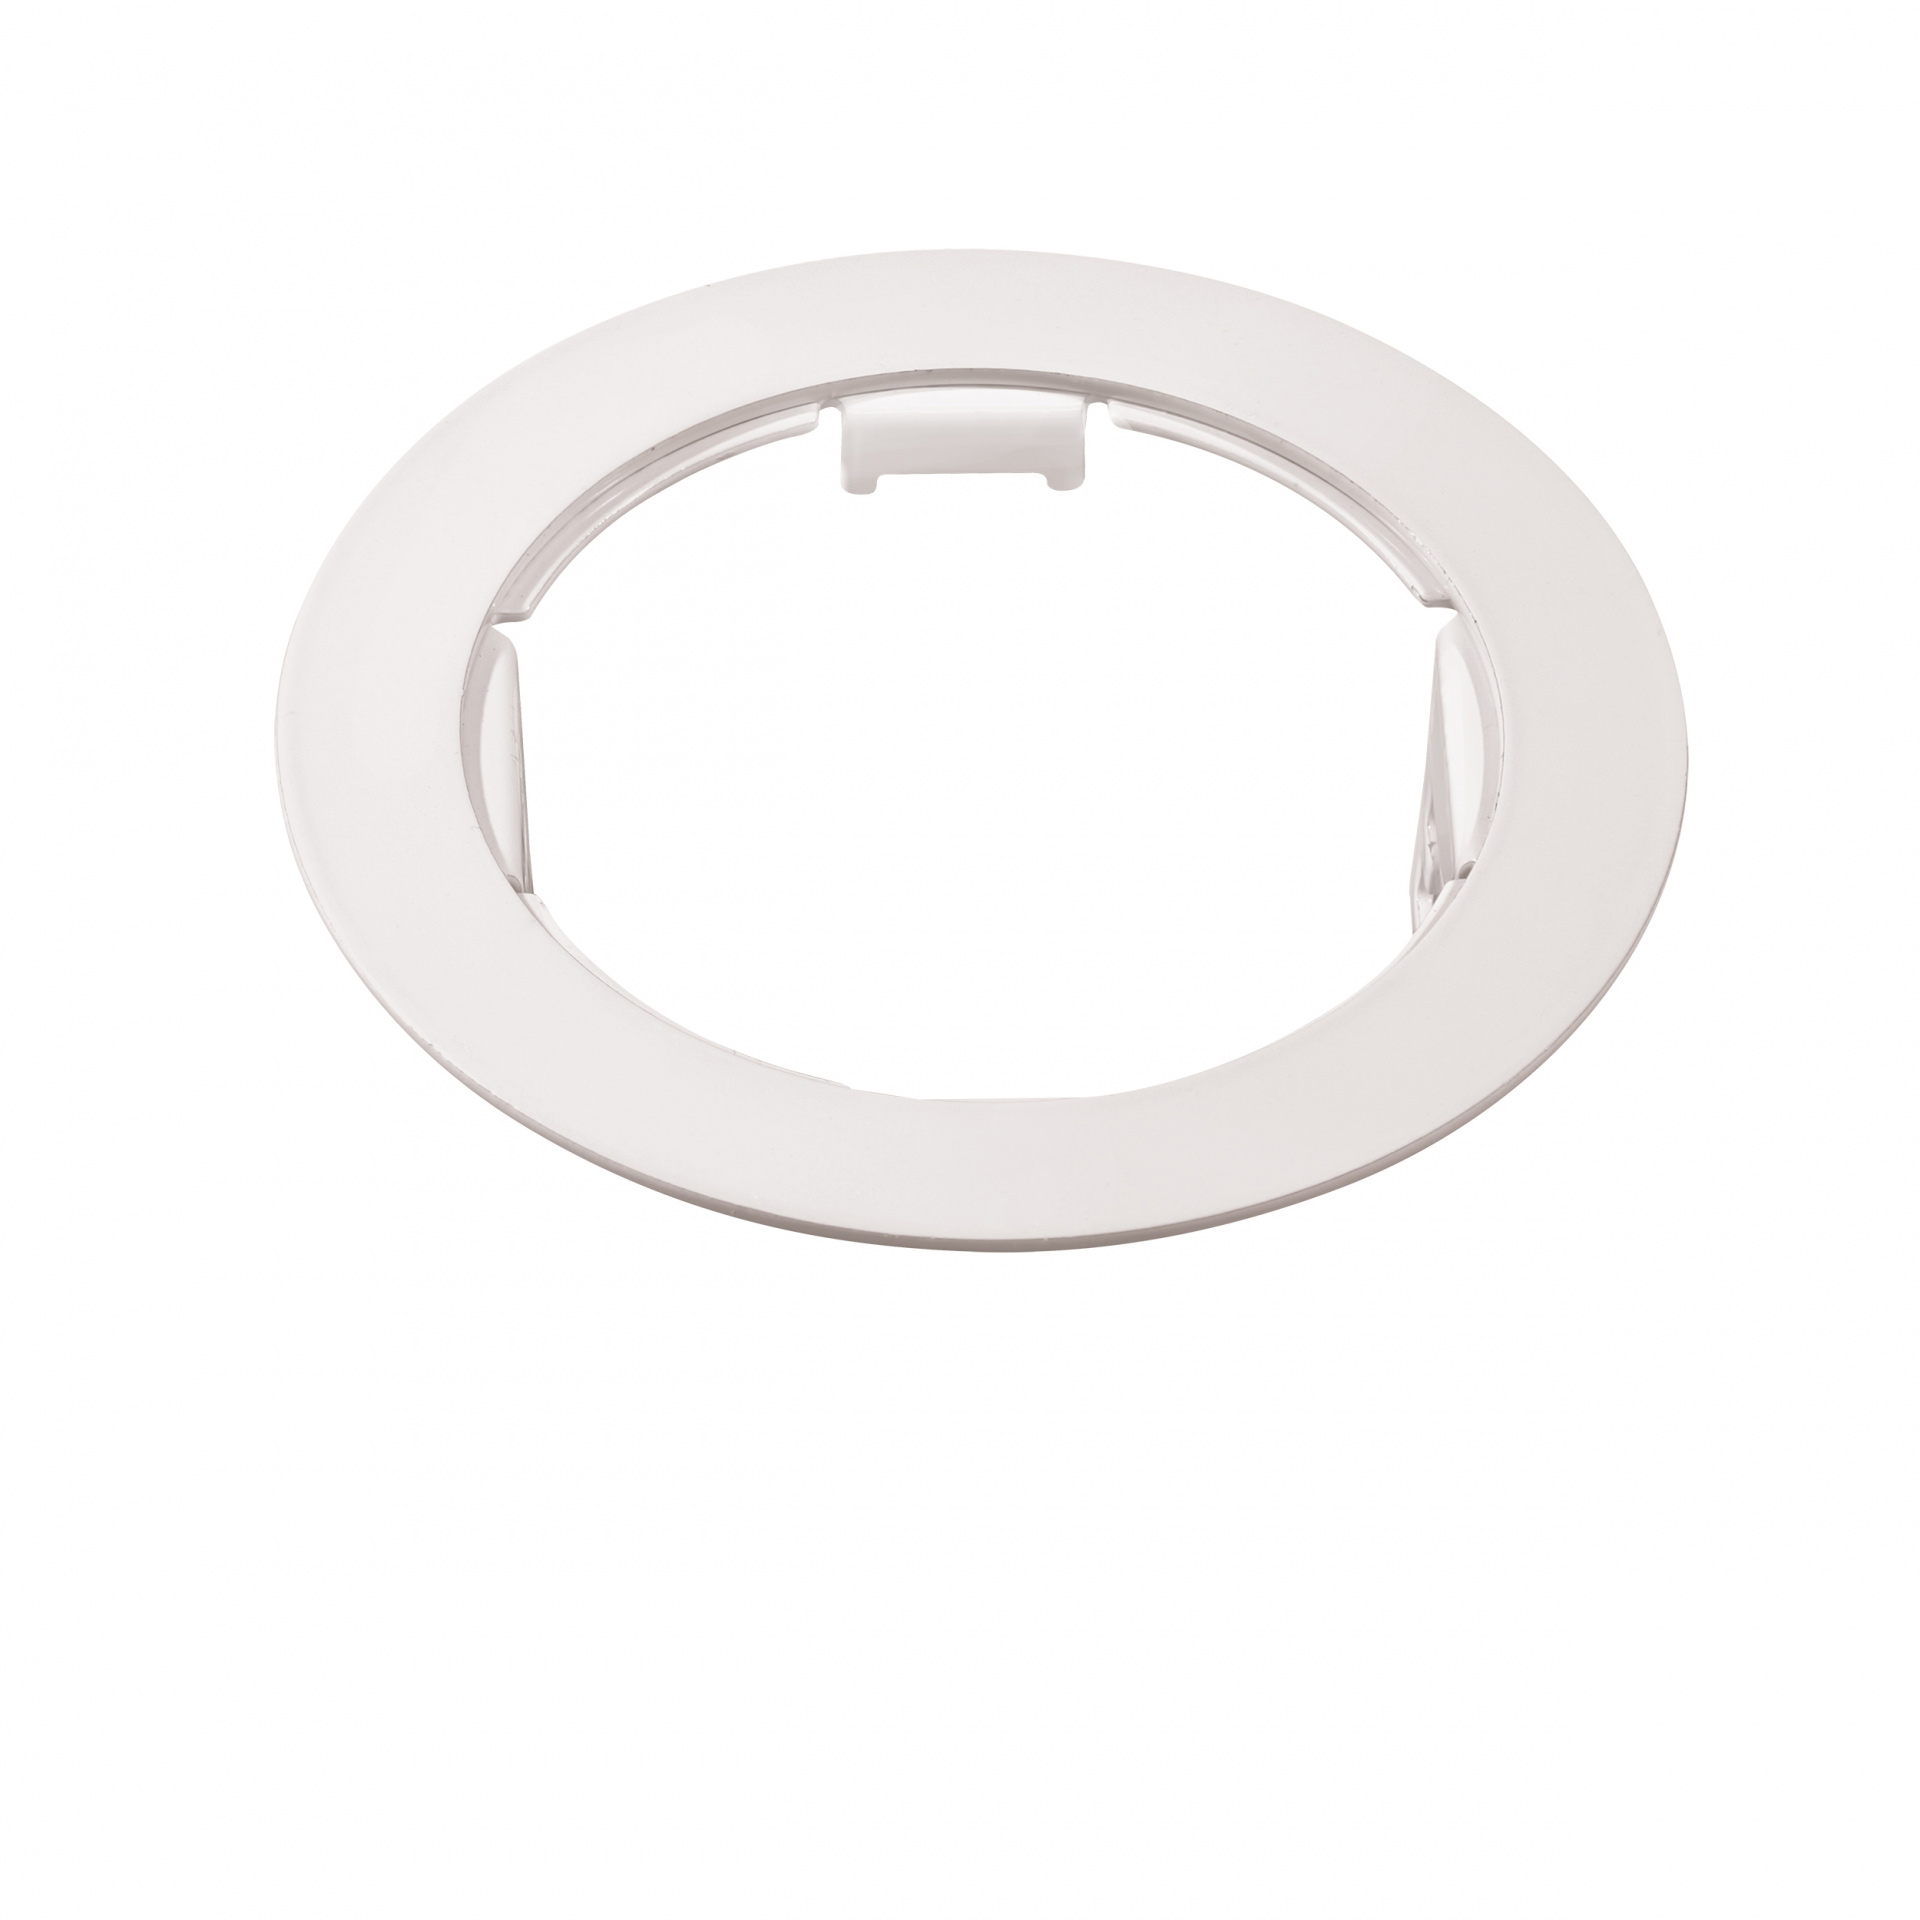 Рамка Domino round МR16 белый Lightstar 214616, купить в СПб, Москве, с доставкой, Санкт-Петербург, интернет-магазин люстр и светильников Starlight, фото в жизни